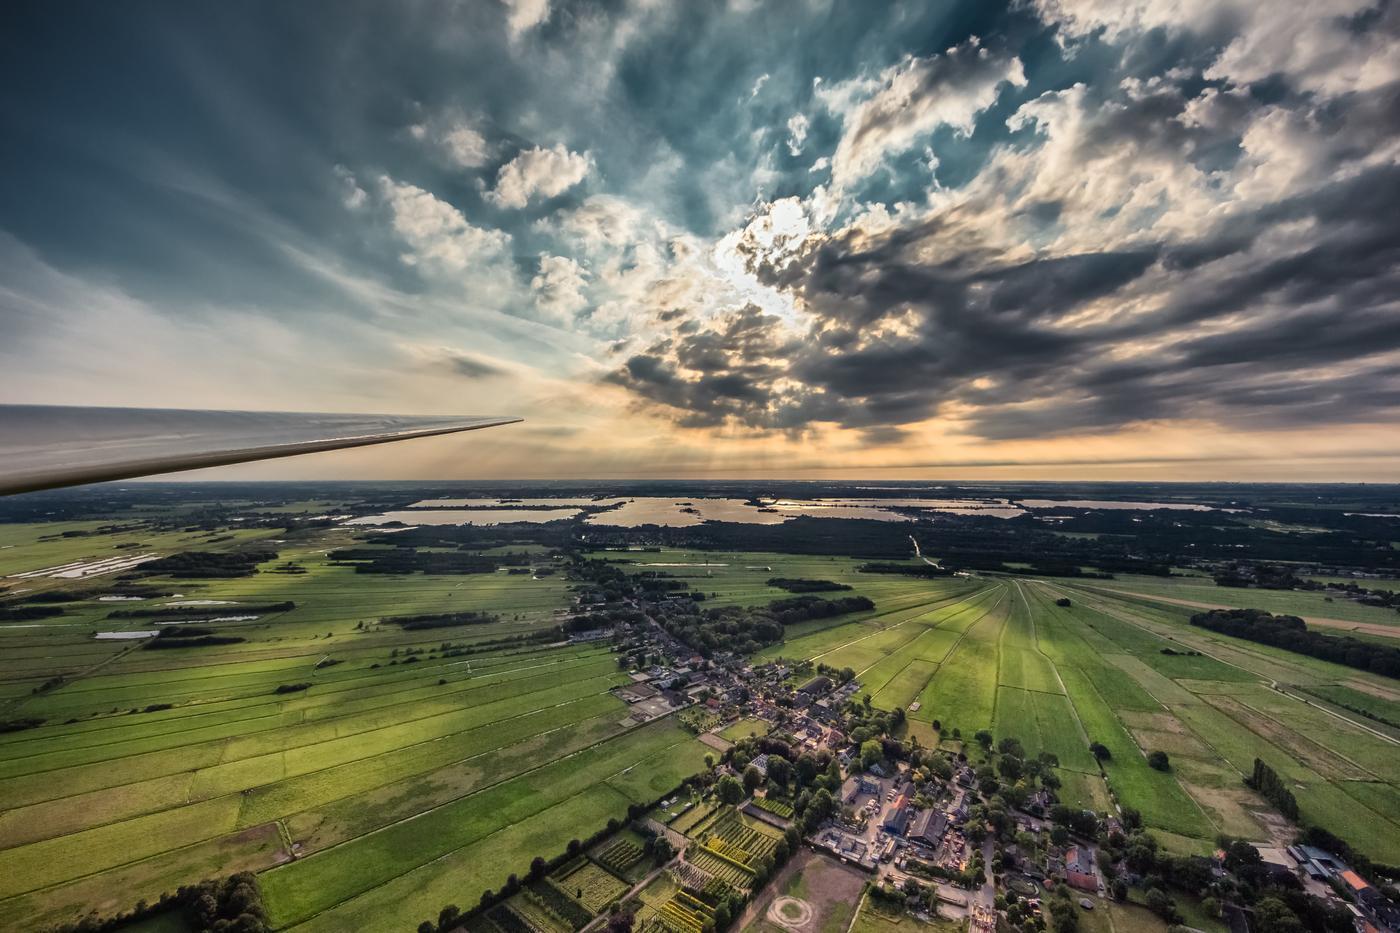 Omgeving_luchtfoto.jpg